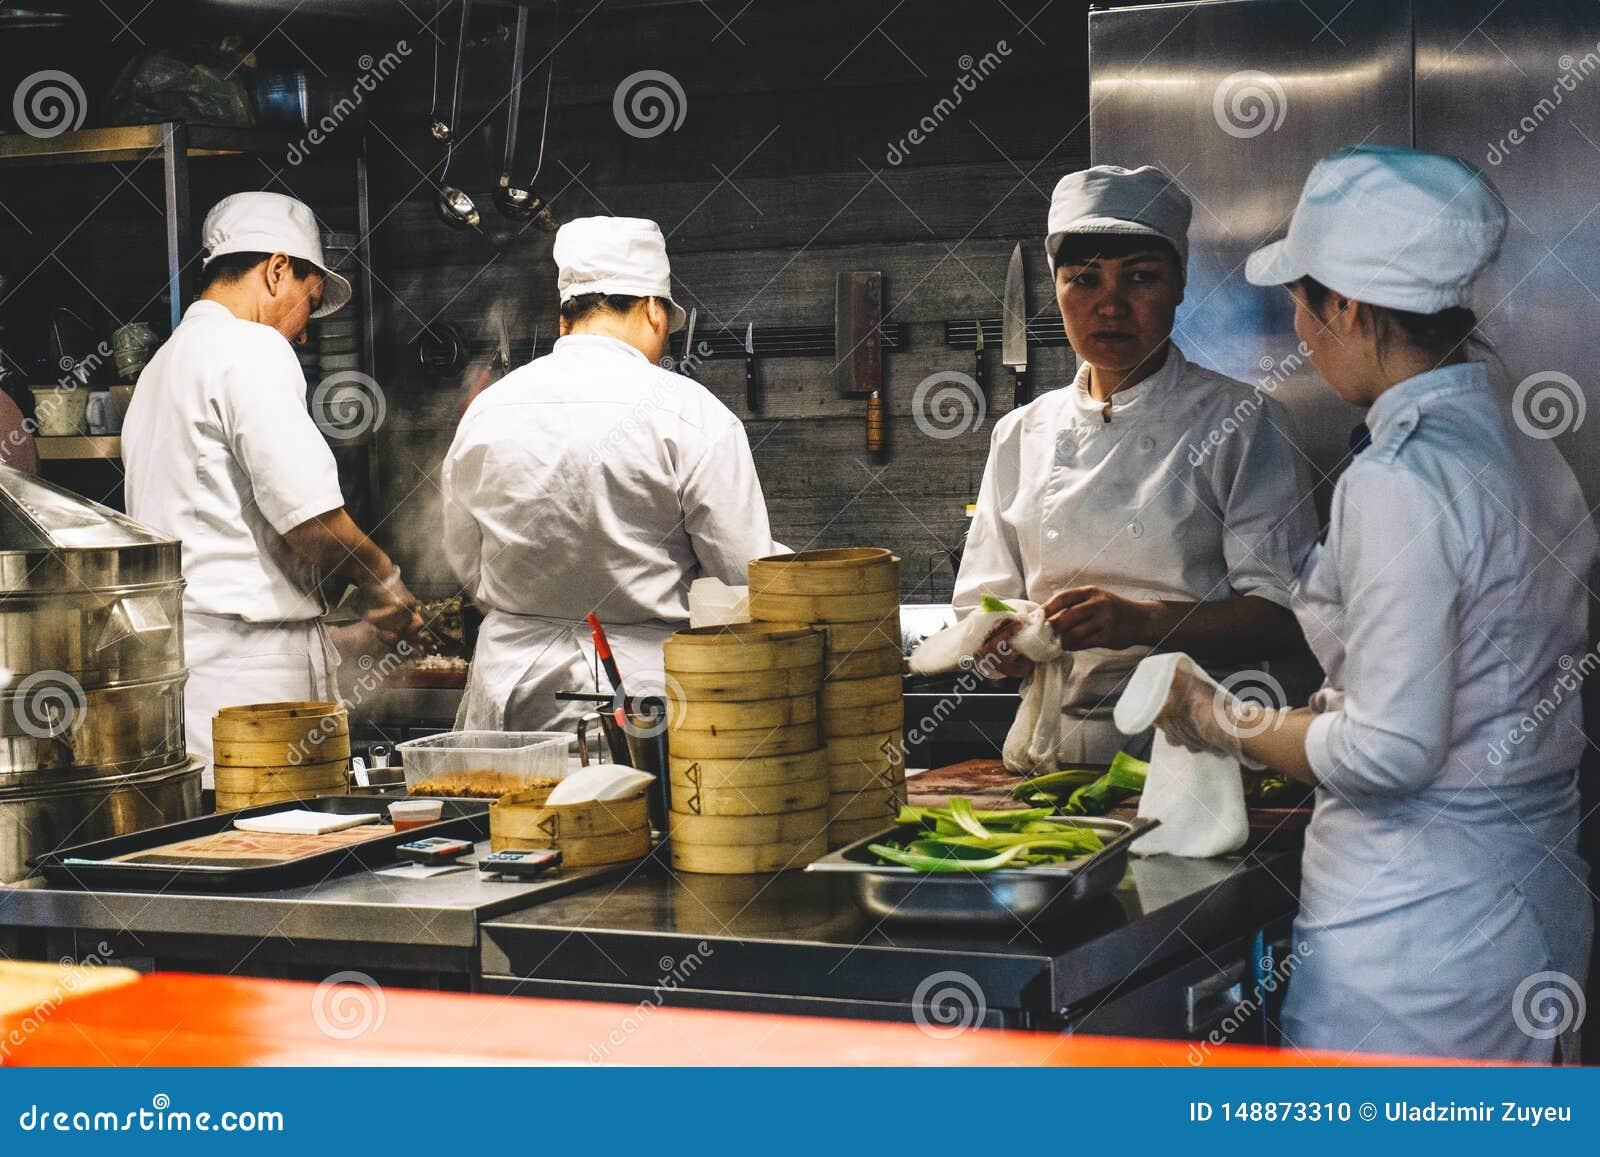 Changhaï, Chine - 27 mai 2019 : Les chefs chinois travaillent dans la cuisine du restaurant